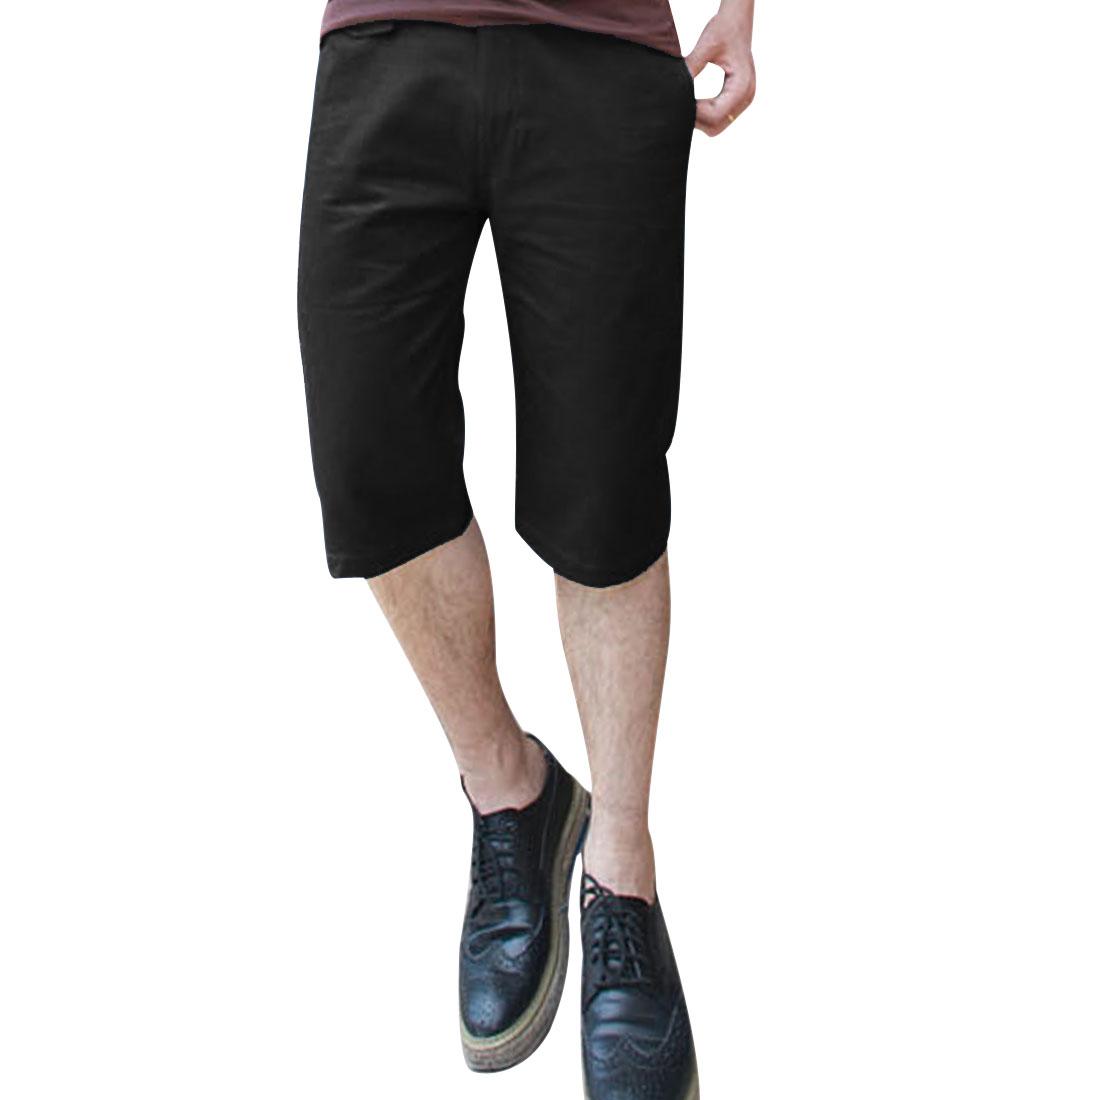 Men Zipper Fly Waistband Loop Hip Pockets Modern Shorts Black W36